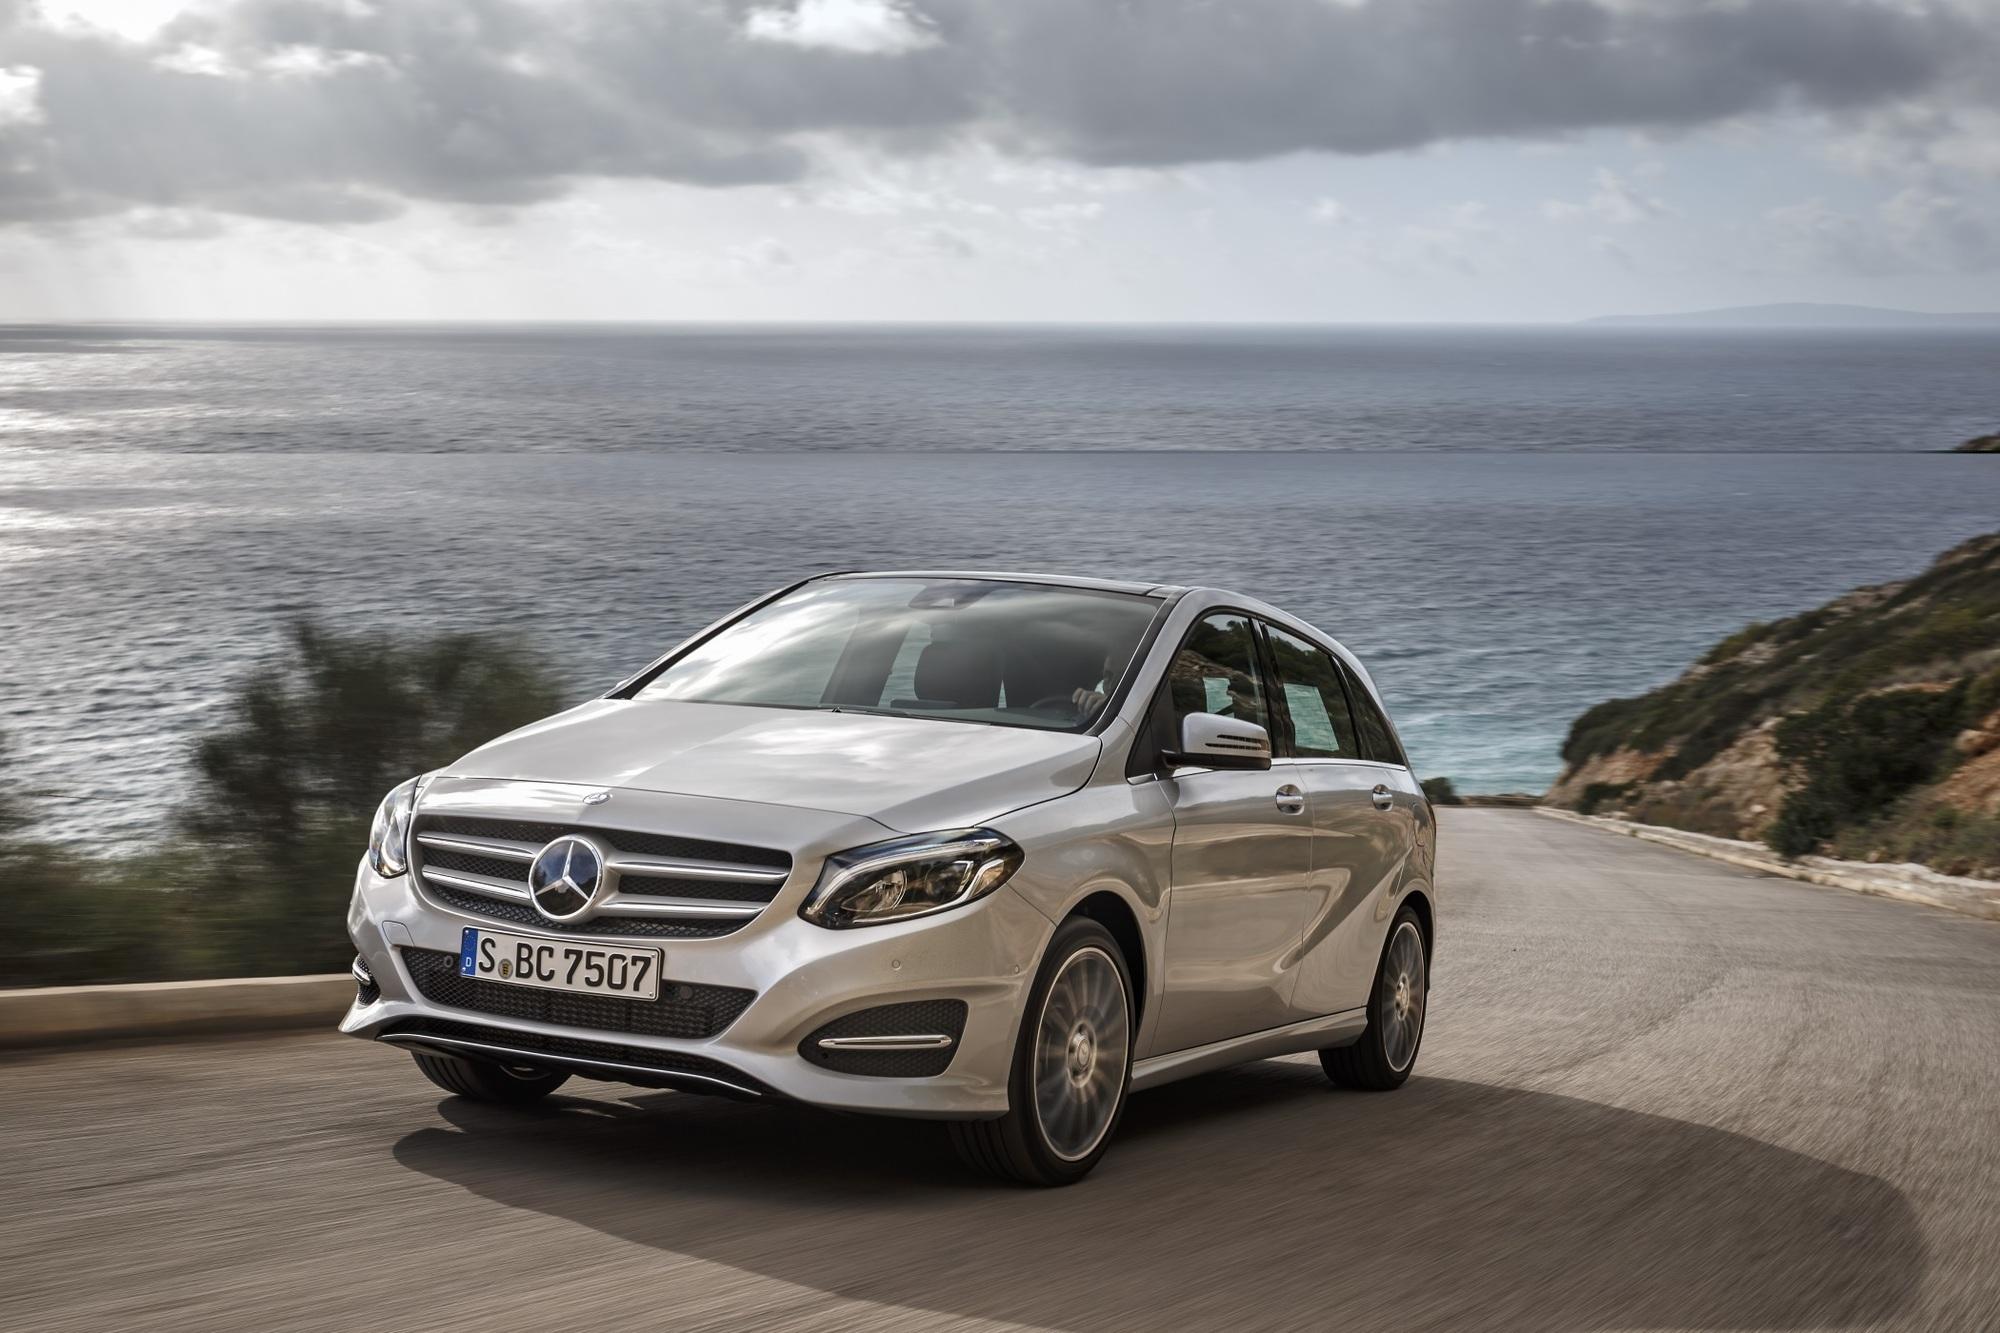 Fahrbericht: Mercedes B-Klasse - Mit Sicherheit punkten